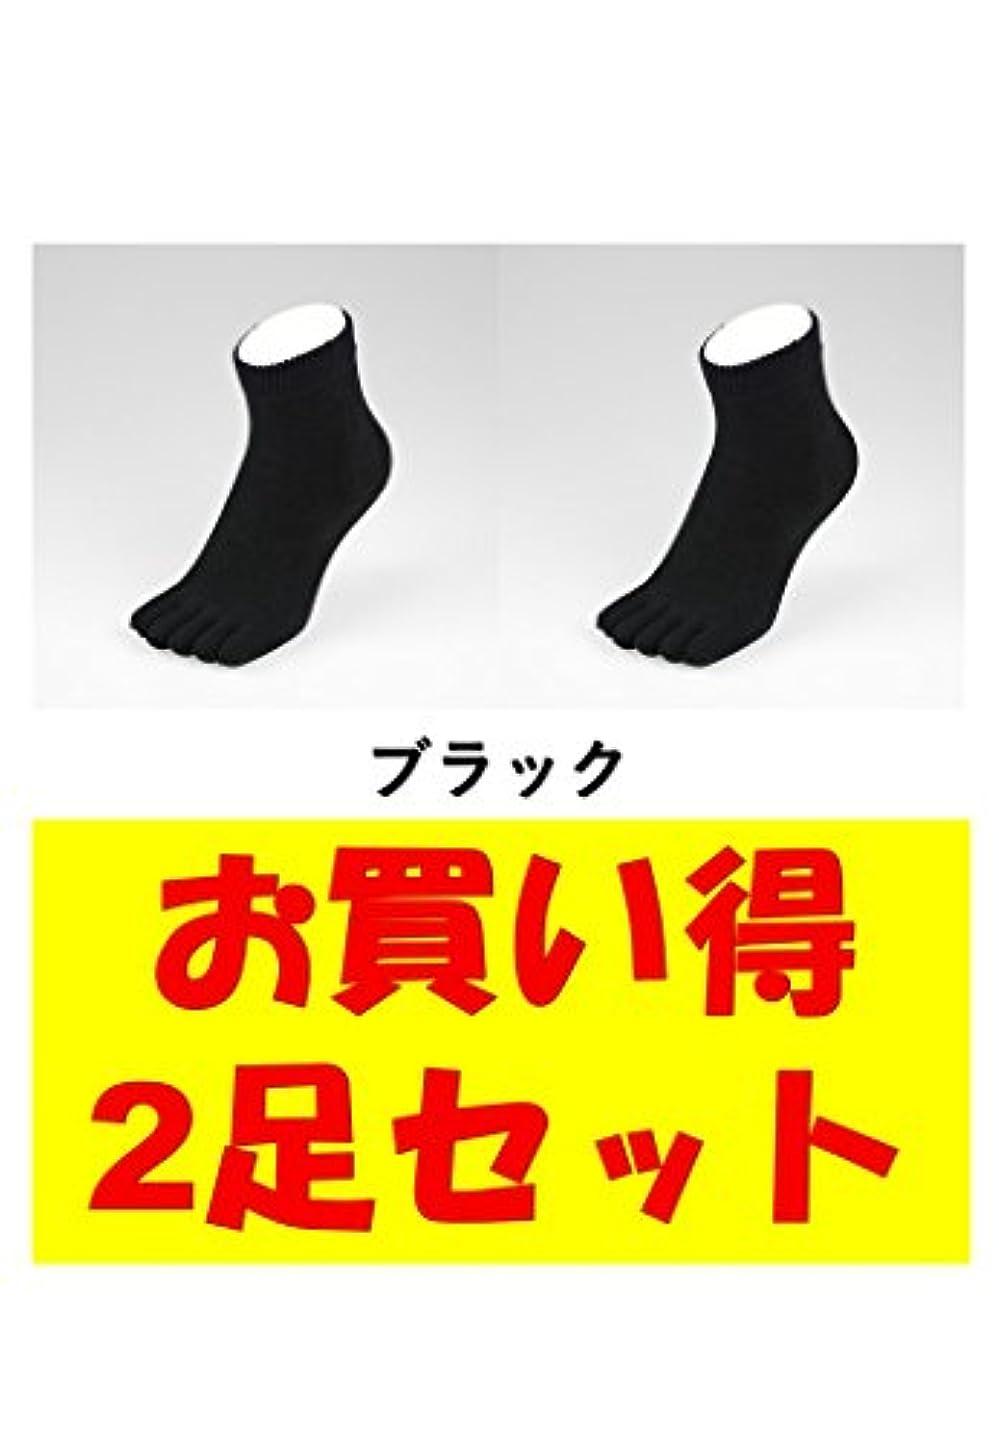 塊マウントボイコットお買い得2足セット 5本指 ゆびのばソックス Neo EVE(イヴ) ブラック iサイズ(23.5cm - 25.5cm) YSNEVE-BLK